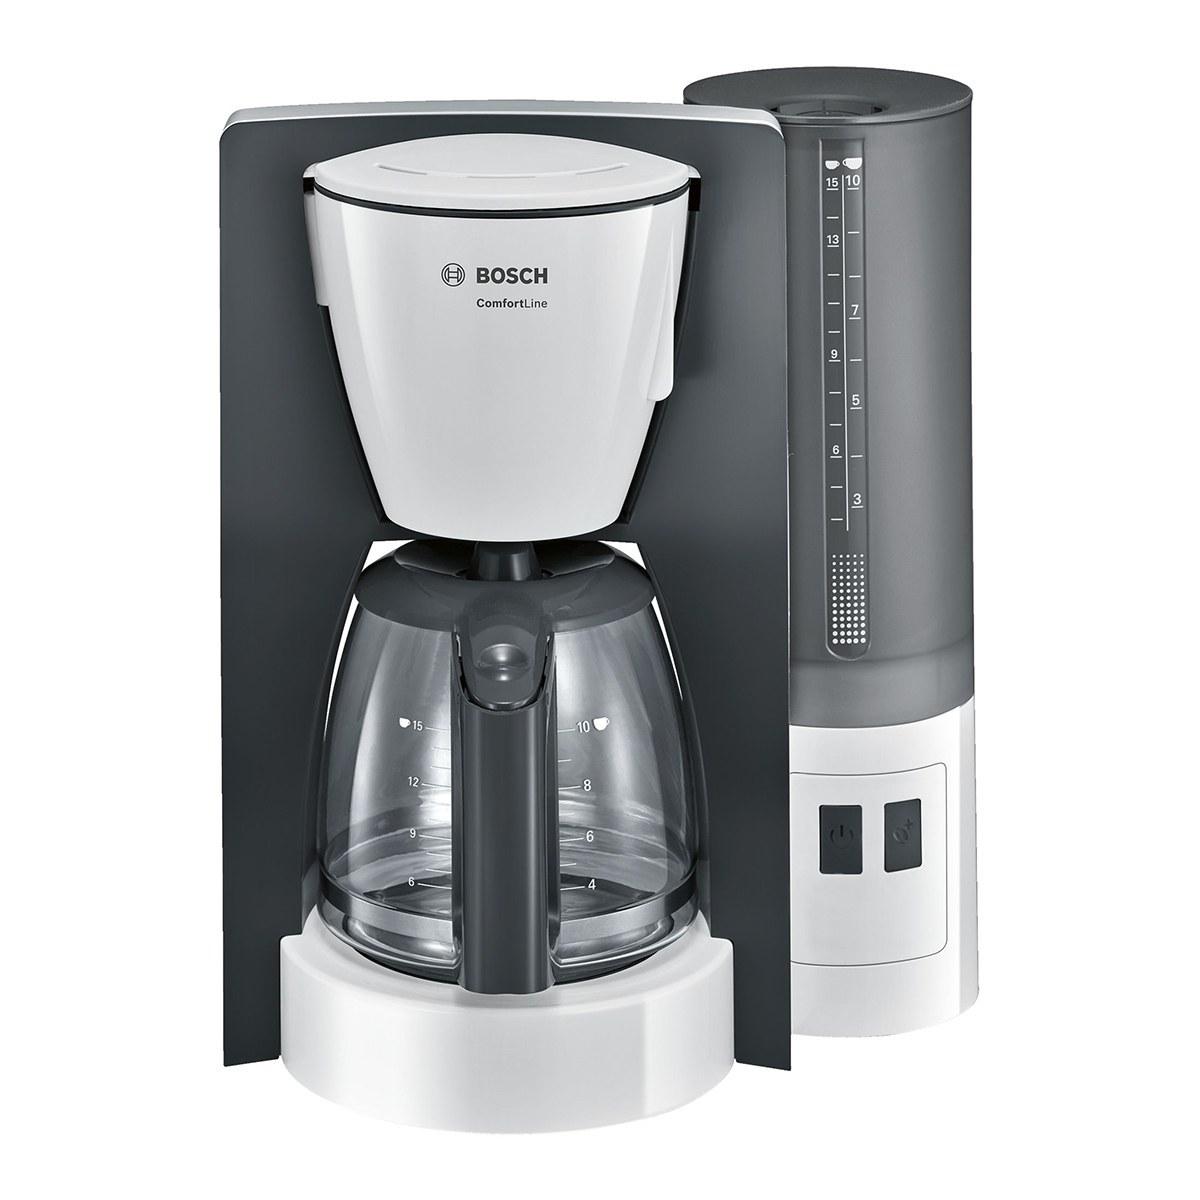 تصویر قهوه ساز COMFORTLINE بوش مدل TKA6A041 TAT6A004